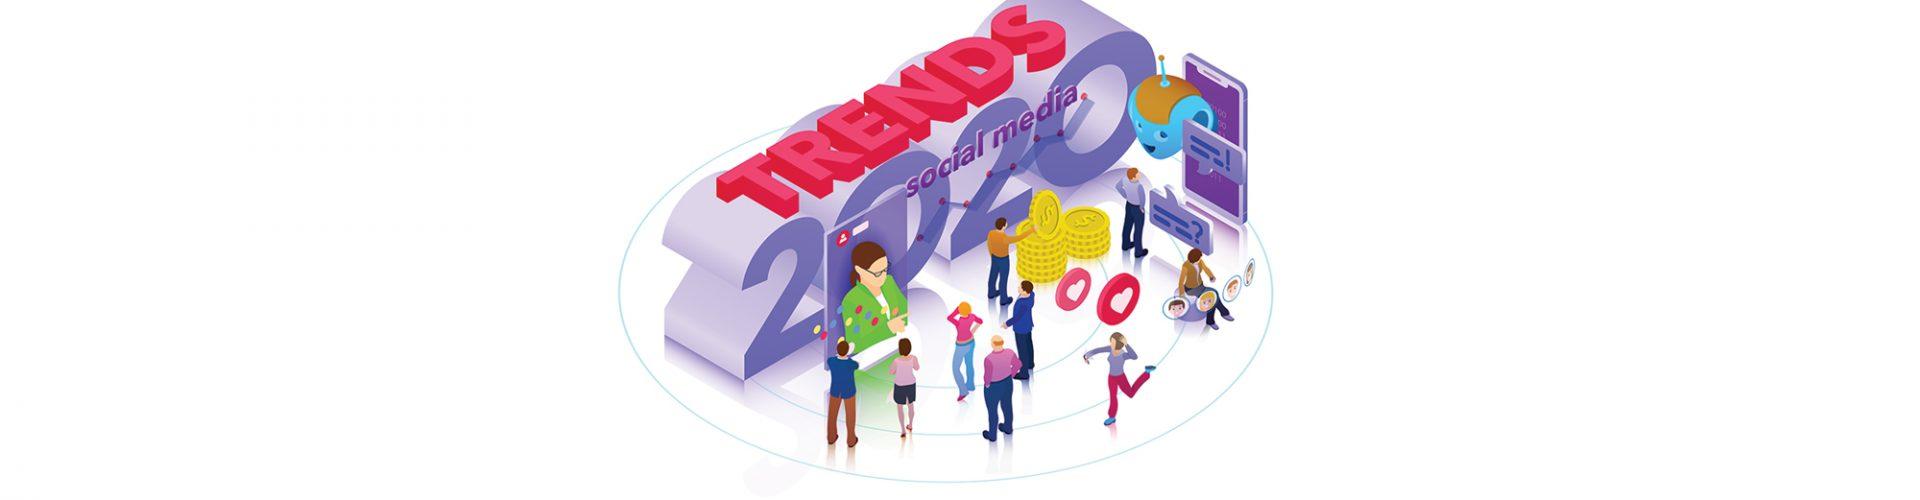 2020 în Social Media: 7 tendințe de urmărit